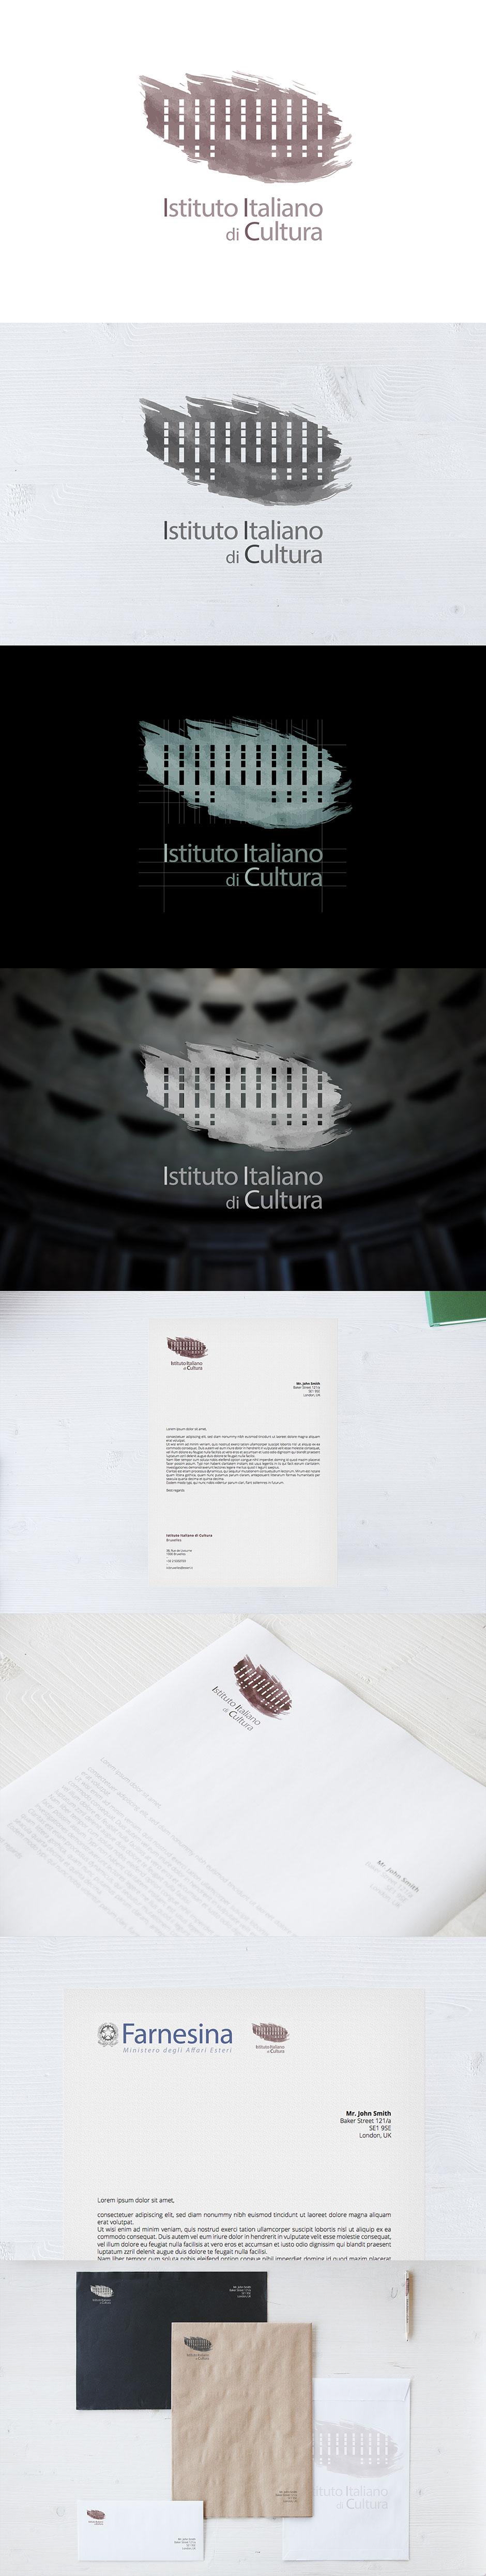 Il logo e le sue possibili applicazioni alle varie scale